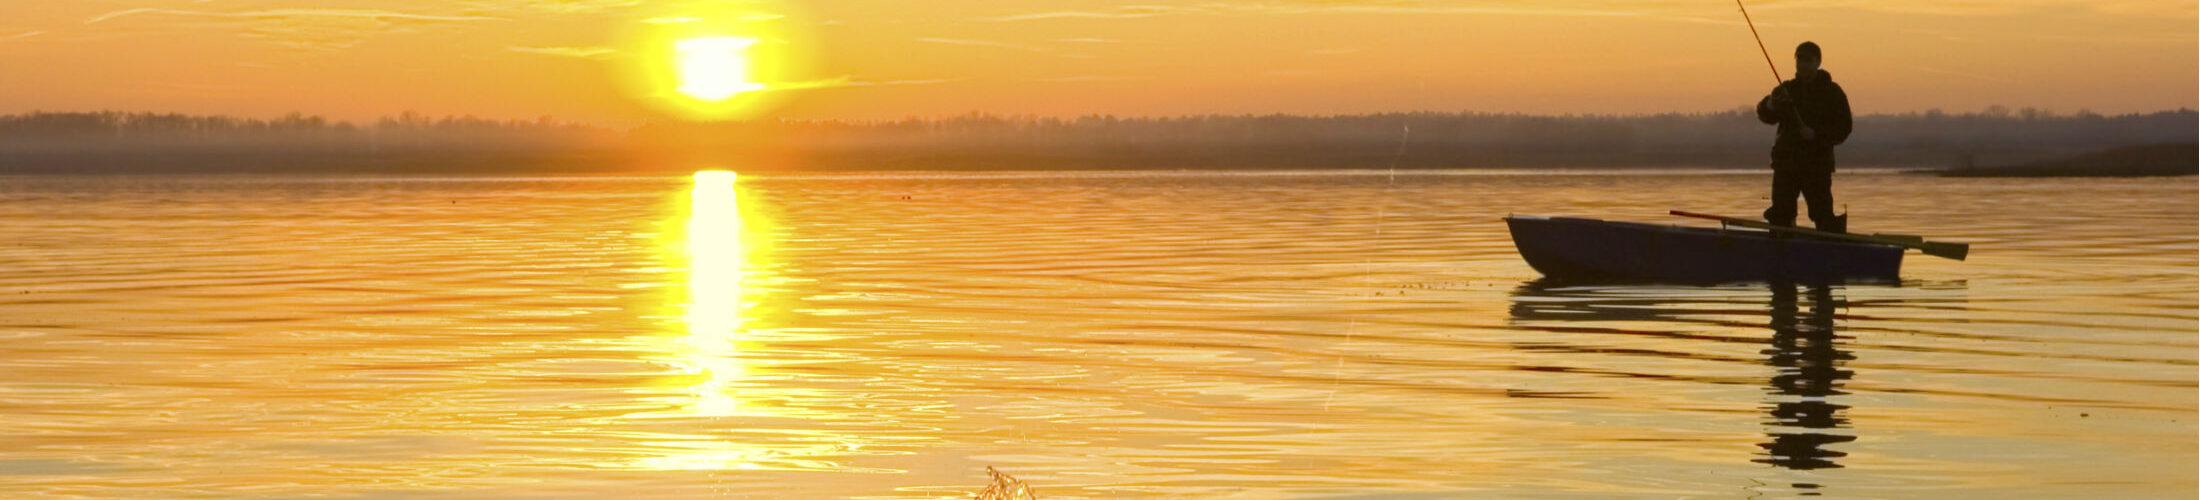 Main fishing on lake at sunset